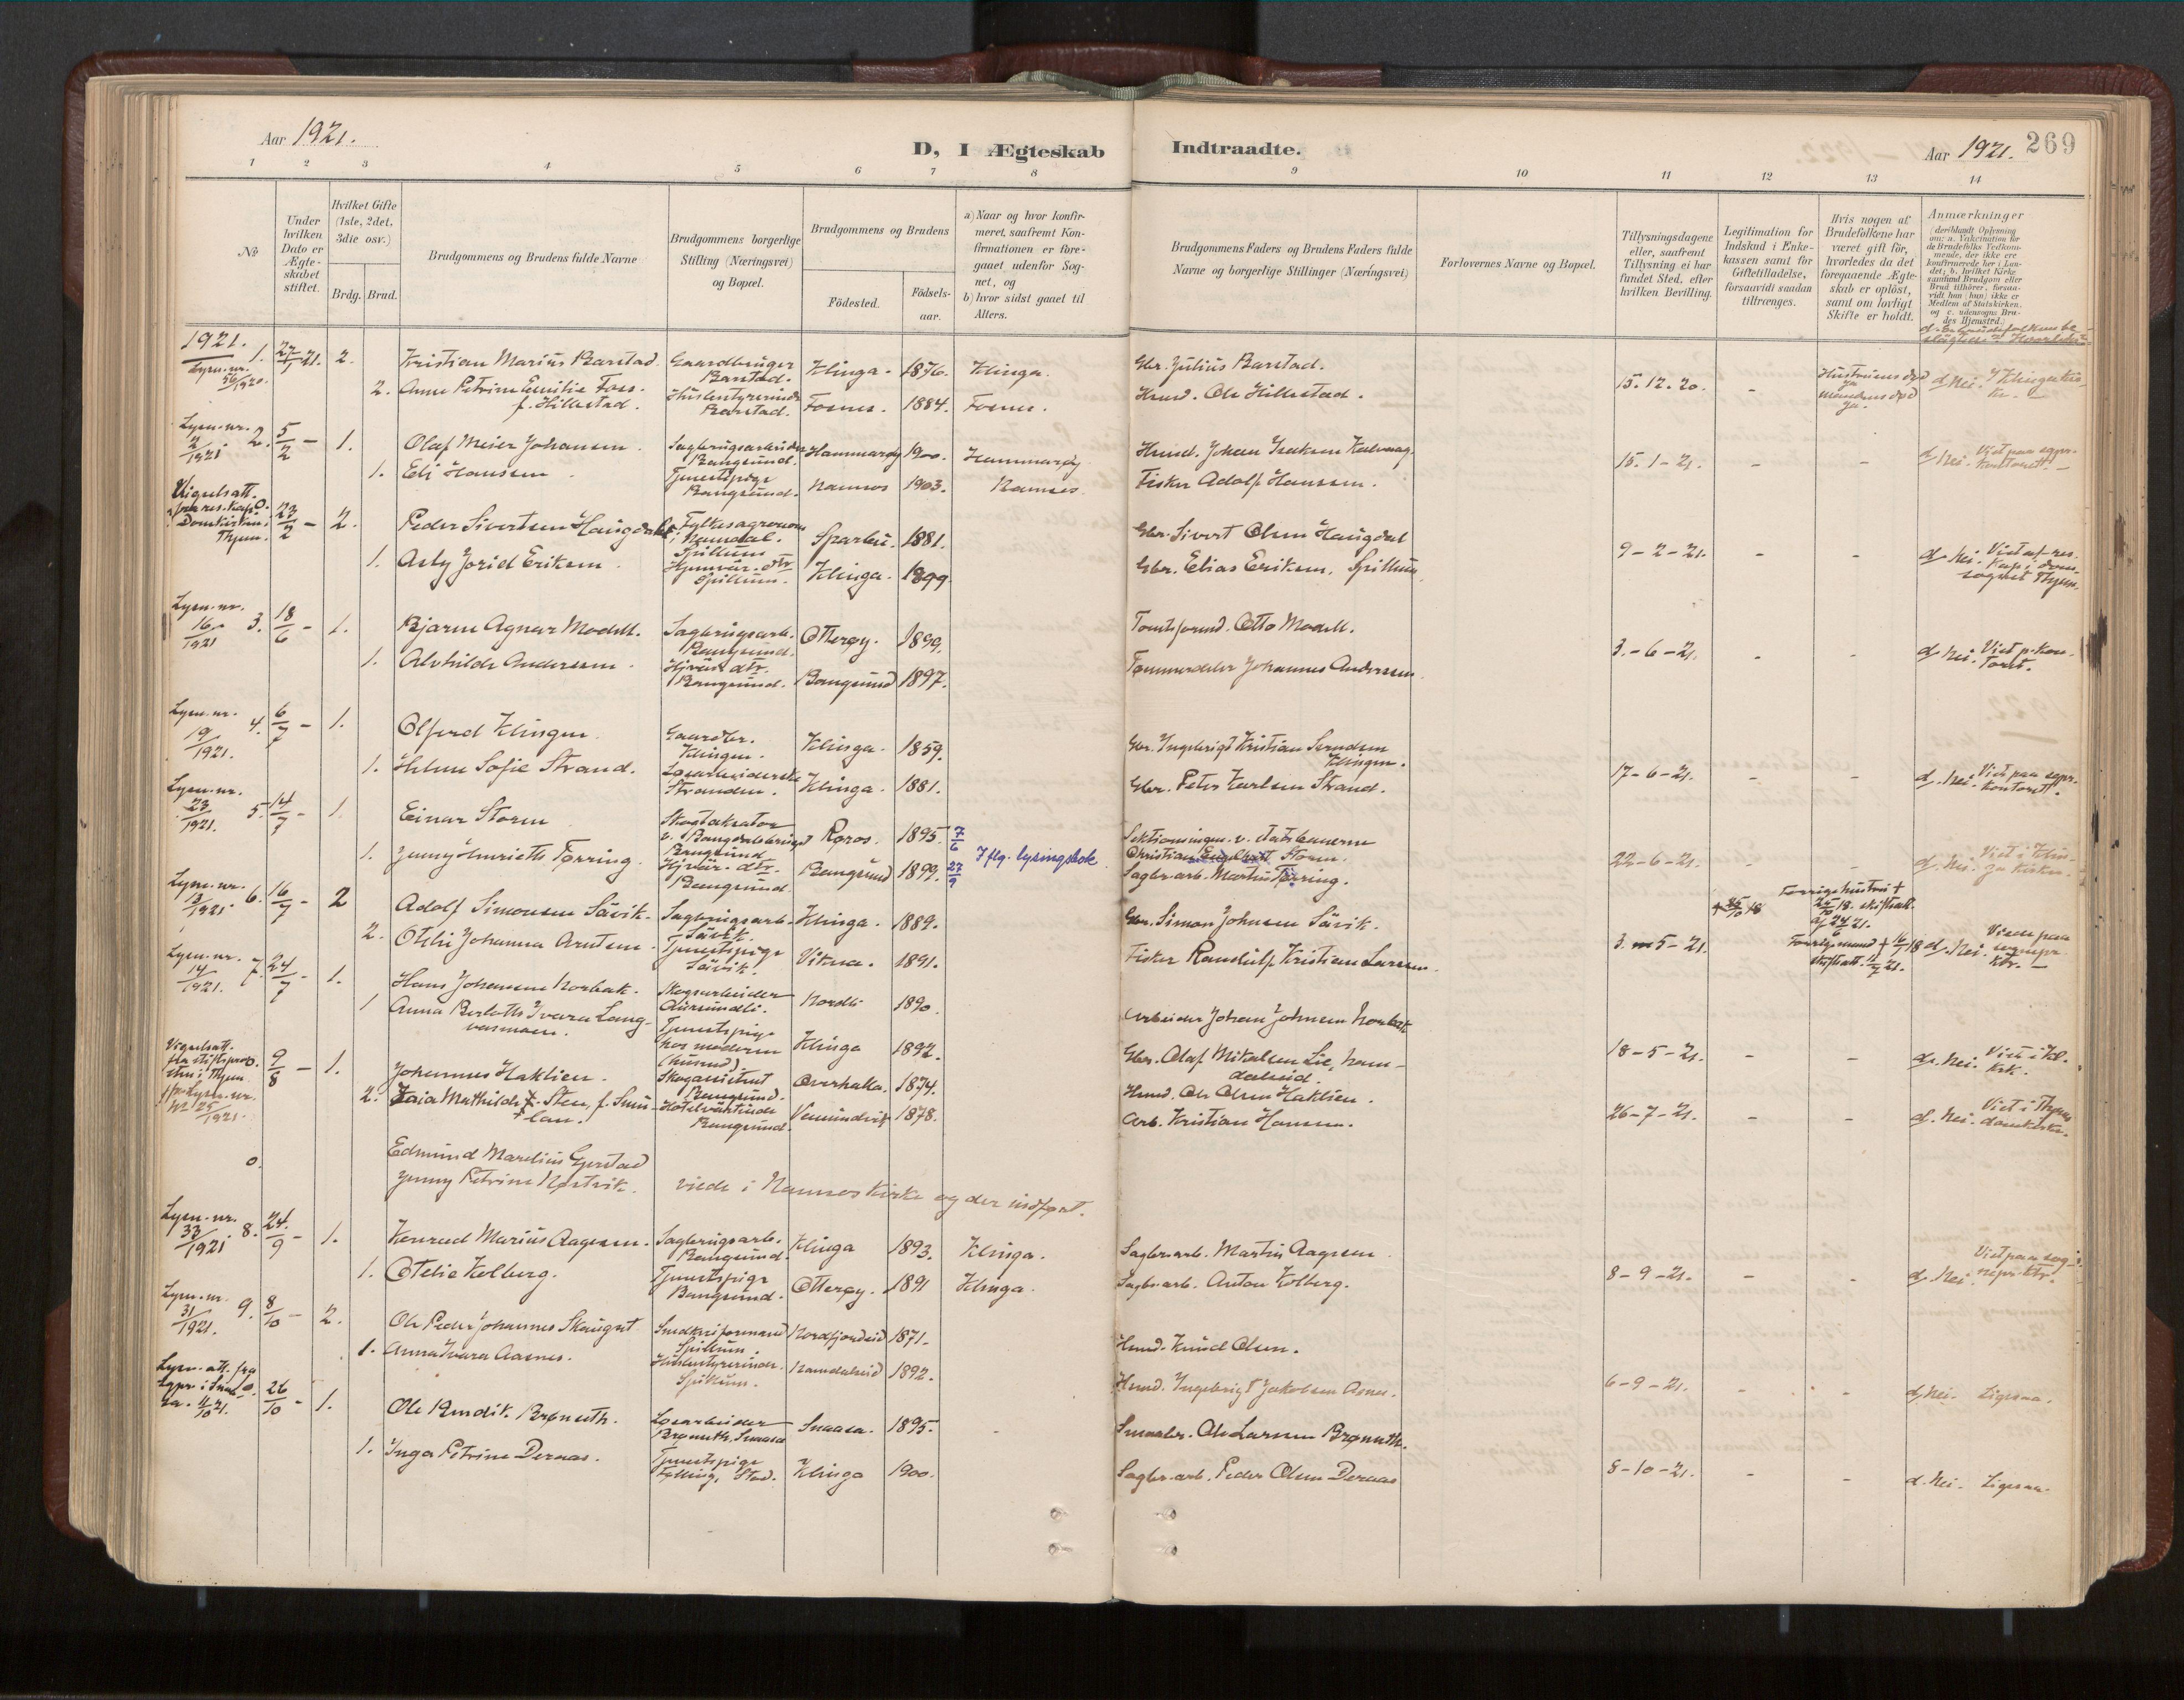 SAT, Ministerialprotokoller, klokkerbøker og fødselsregistre - Nord-Trøndelag, 770/L0589: Ministerialbok nr. 770A03, 1887-1929, s. 269